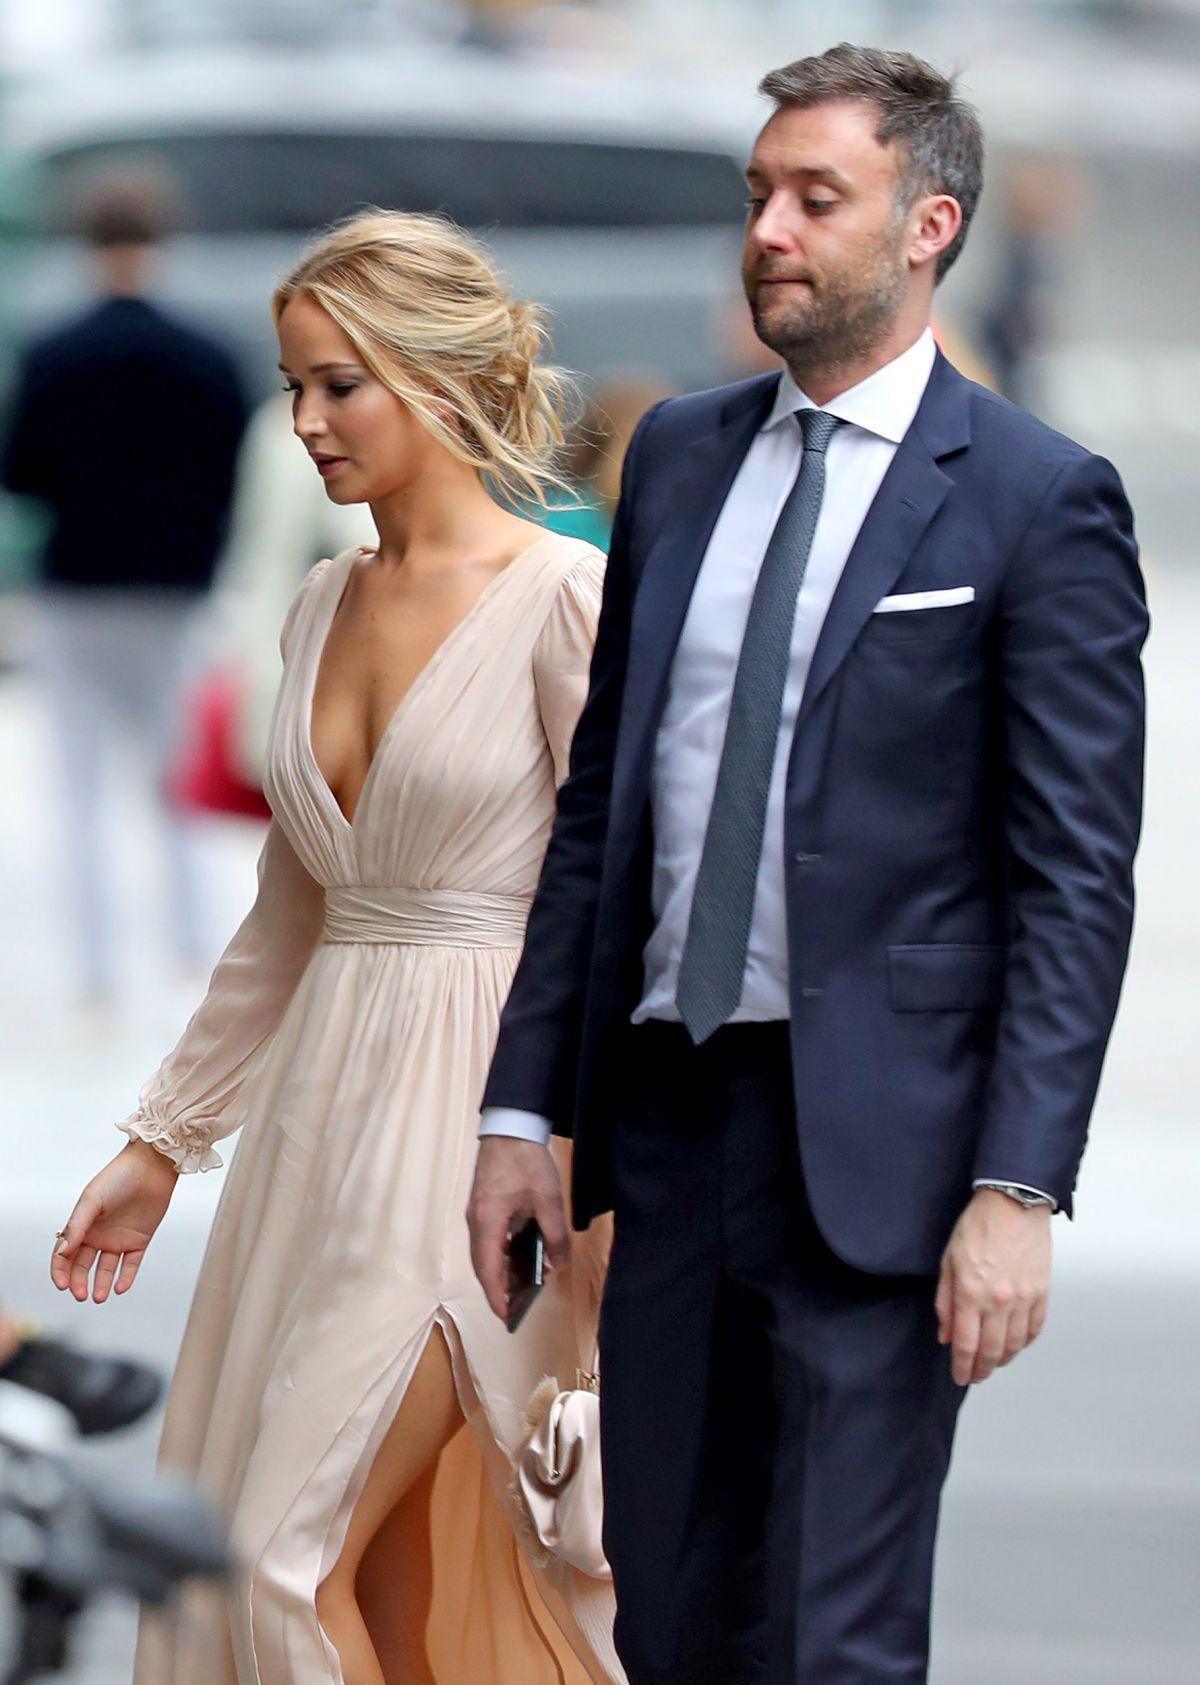 Mariage de Jennifer Lawrence et Cooke Maroney : découvrez